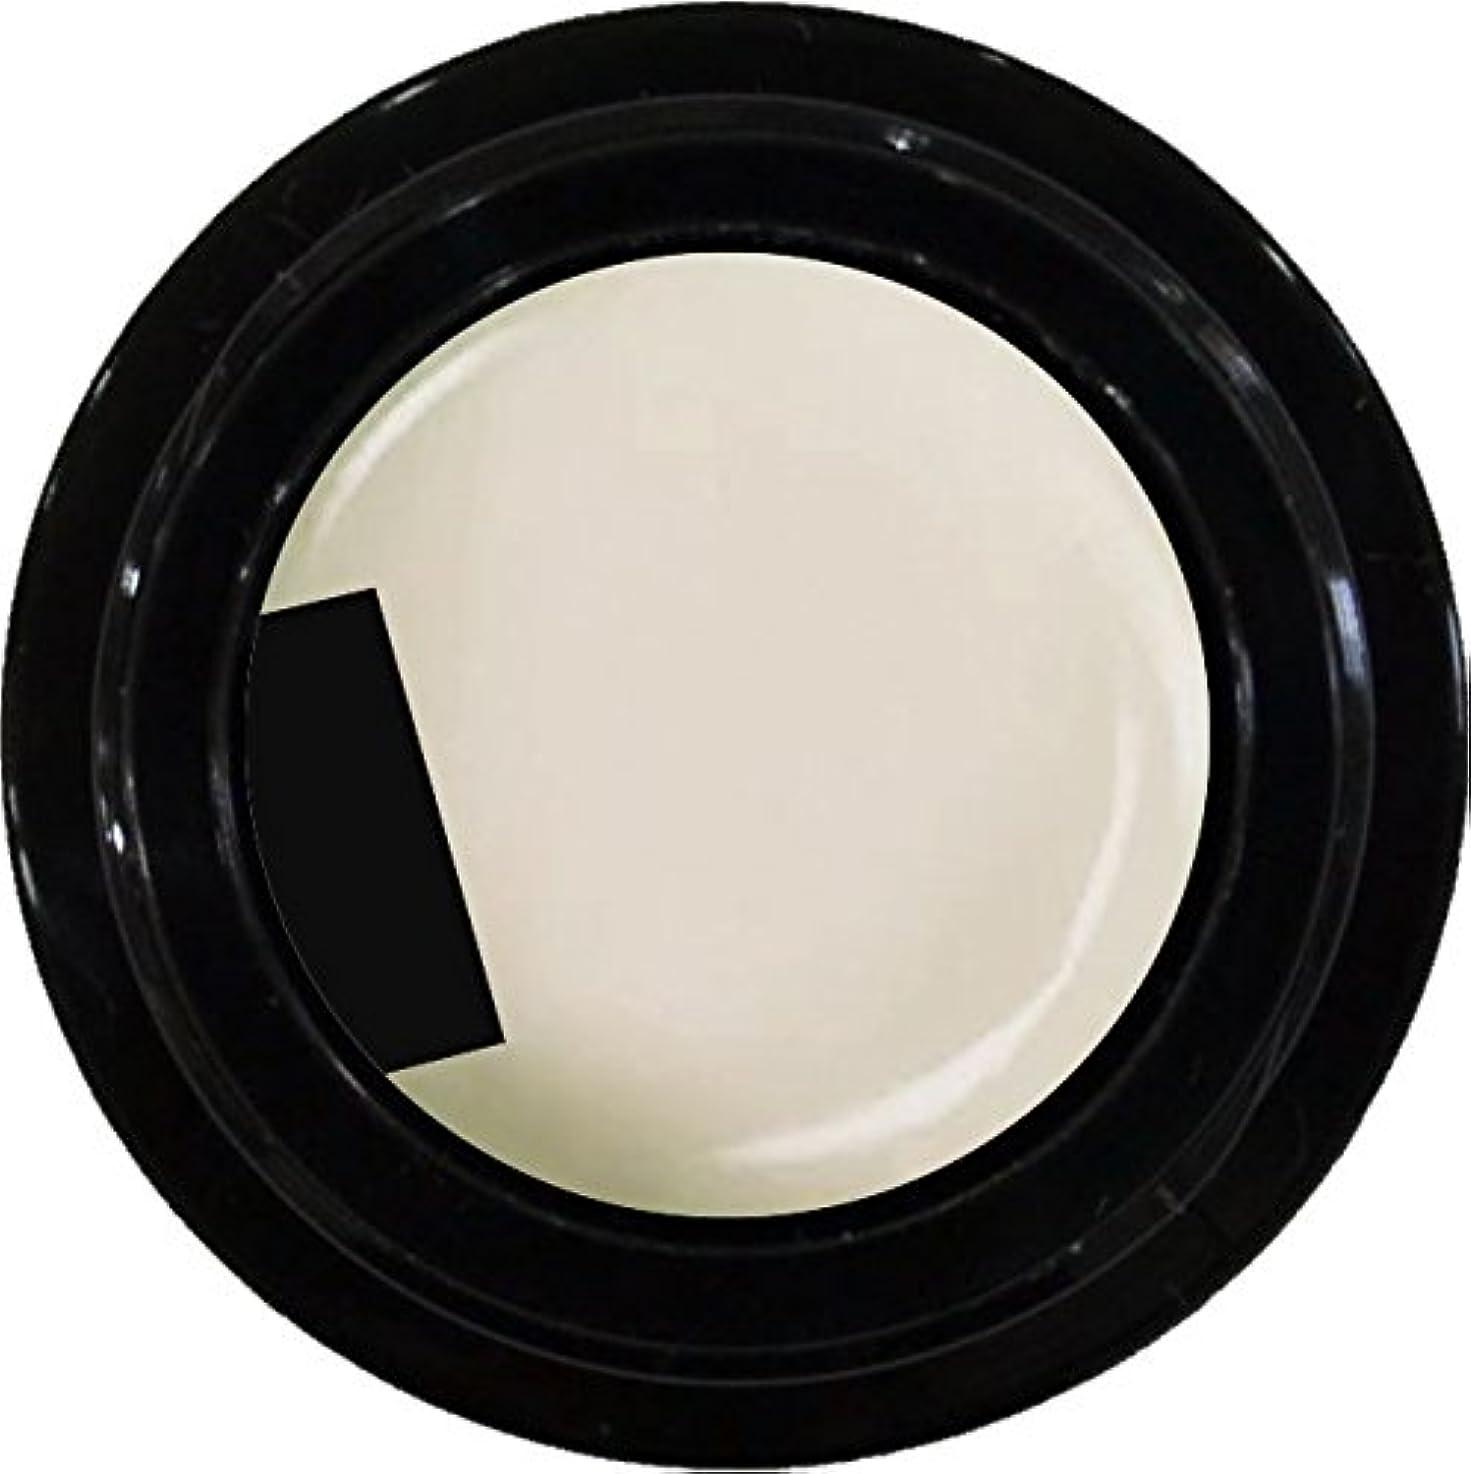 ハーフ名目上のモナリザカラージェル enchant color gel M006 MilkyWhite 3g/ マットカラージェル M006 ミルキーホワイト 3グラム